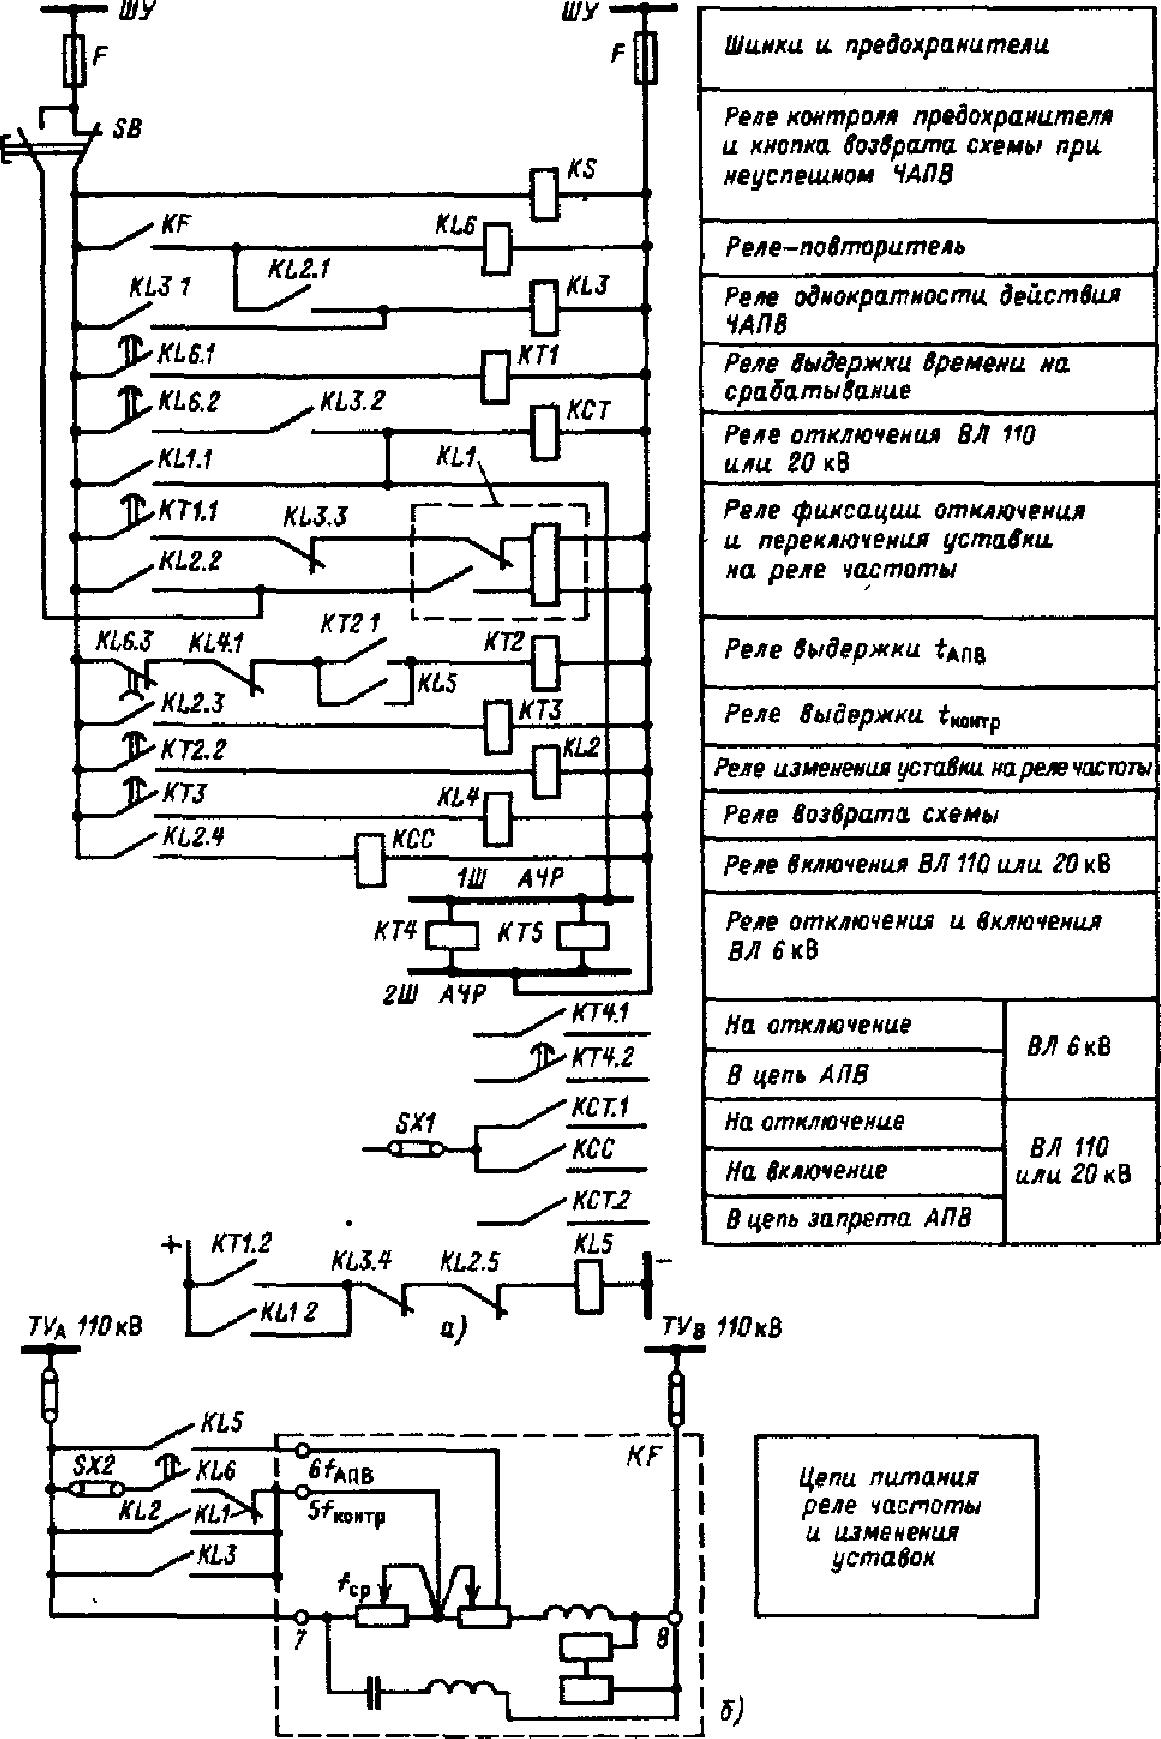 схема подключения реле рч-1